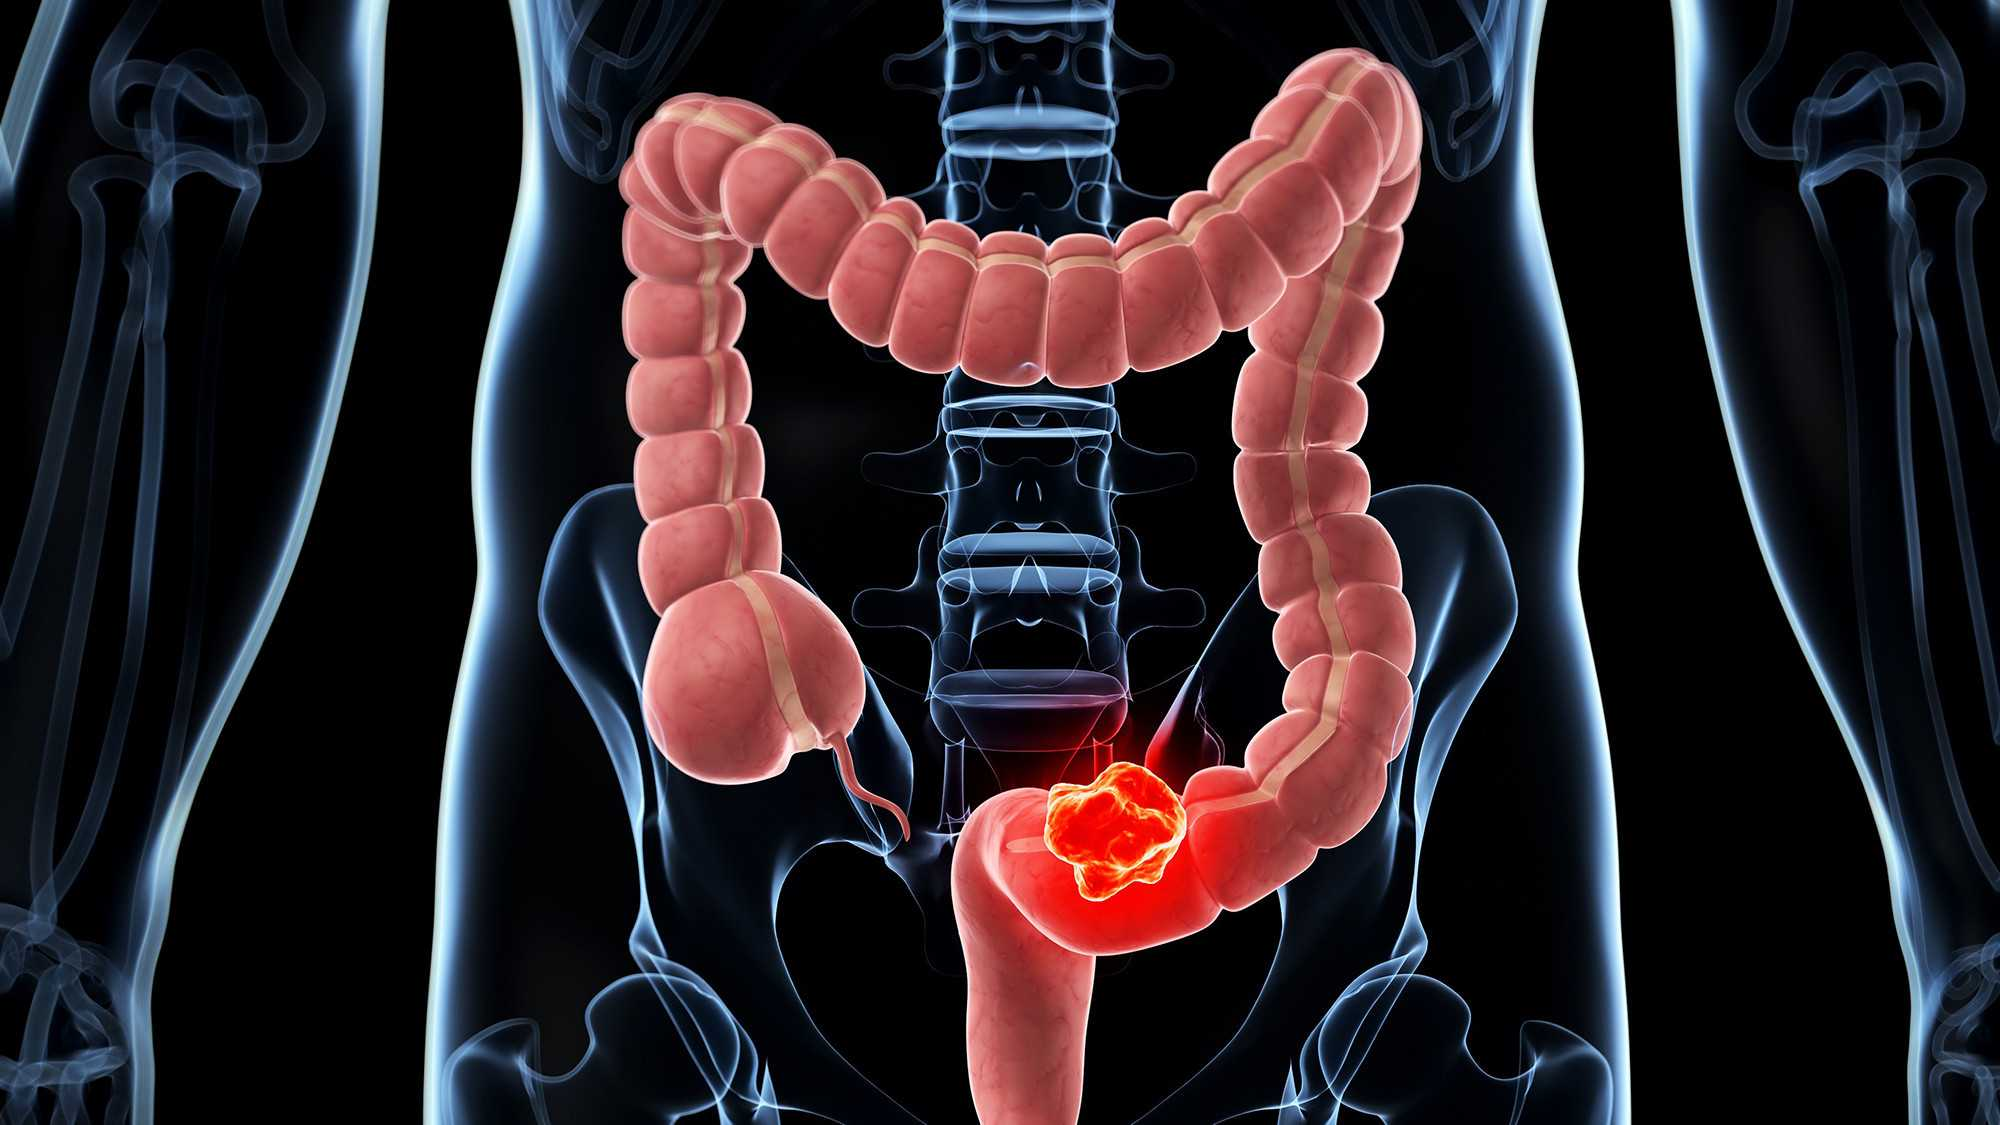 Обнаружена связь между бактериями полости рта и раком кишечника